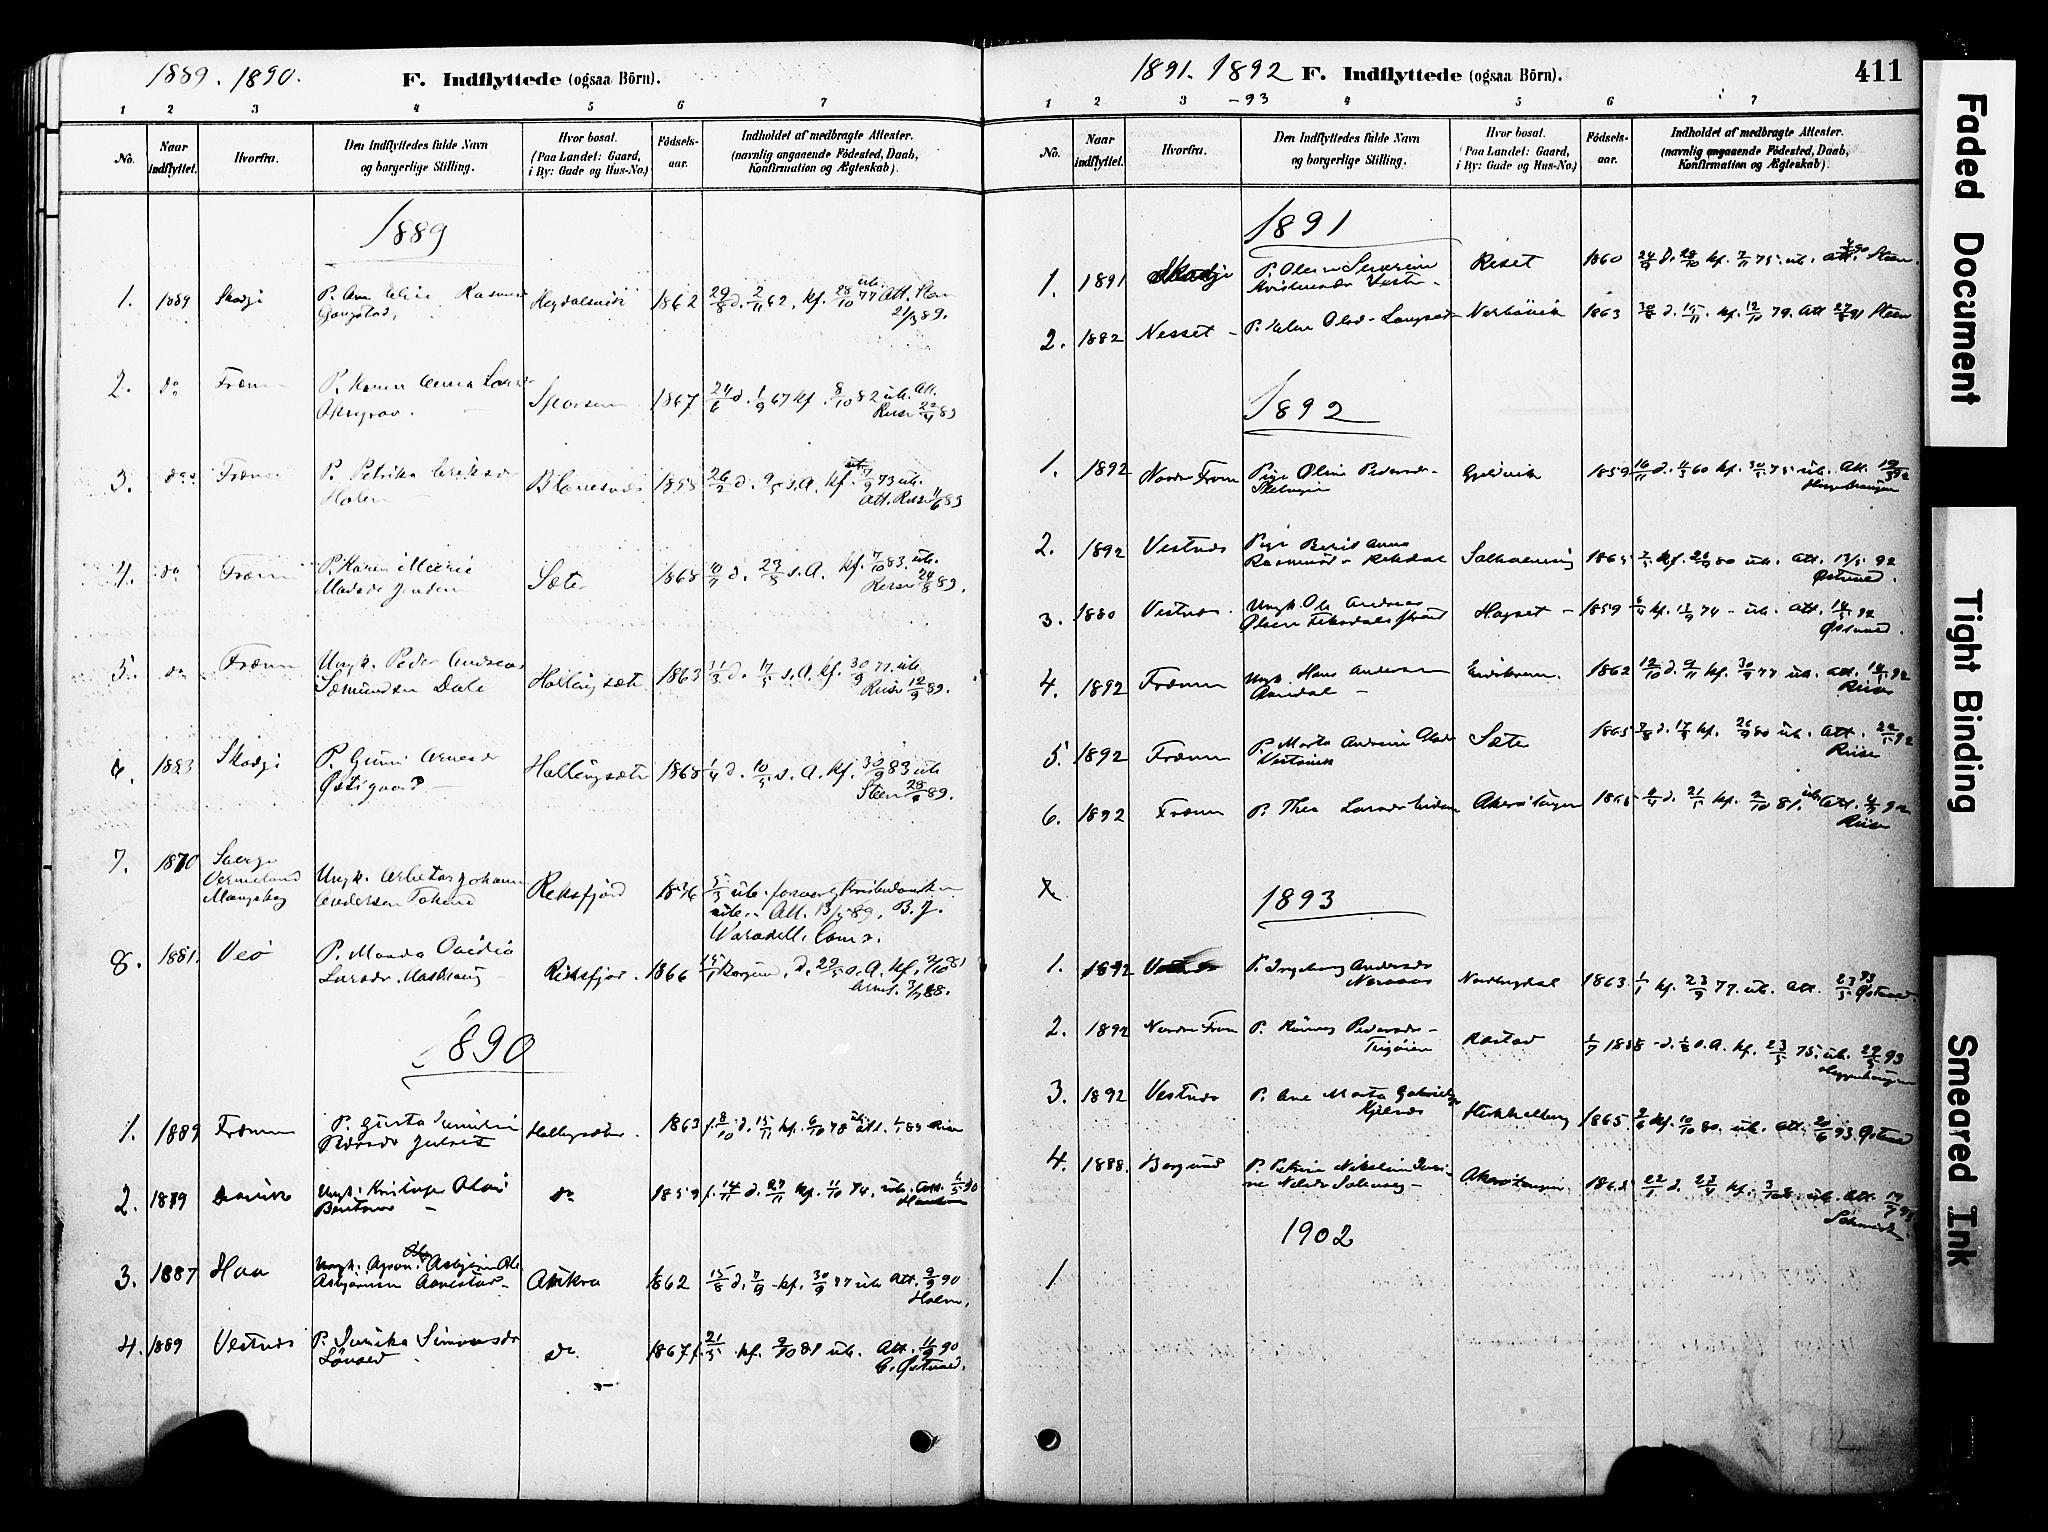 SAT, Ministerialprotokoller, klokkerbøker og fødselsregistre - Møre og Romsdal, 560/L0721: Ministerialbok nr. 560A05, 1878-1917, s. 411